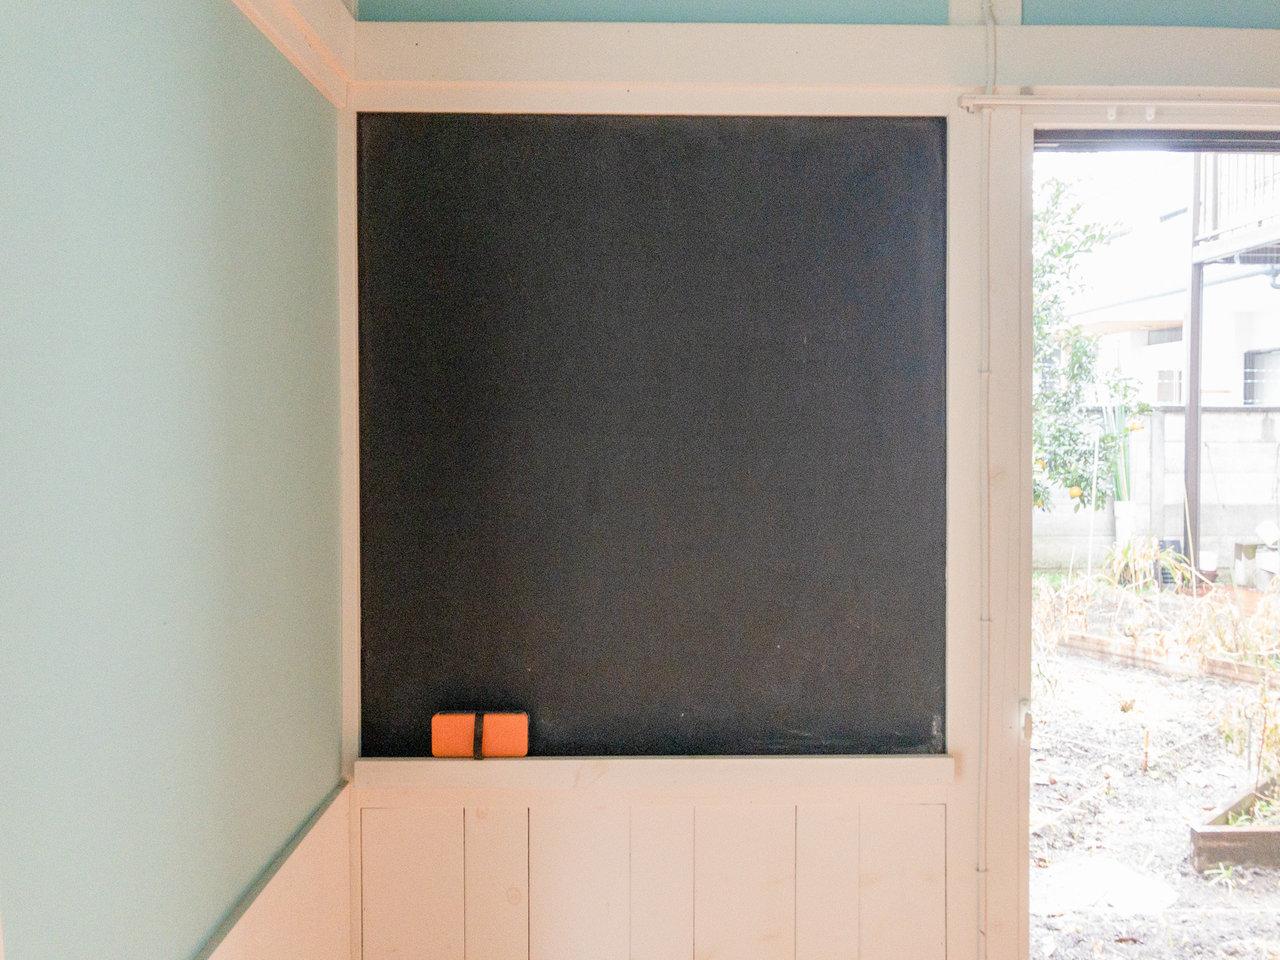 居室には、黒板もありました。1週間の目標を書いてみたり、今晩の夕飯のメニューを書いたり、カレンダーを書いてみたり……。個性を存分に発揮できそうです。